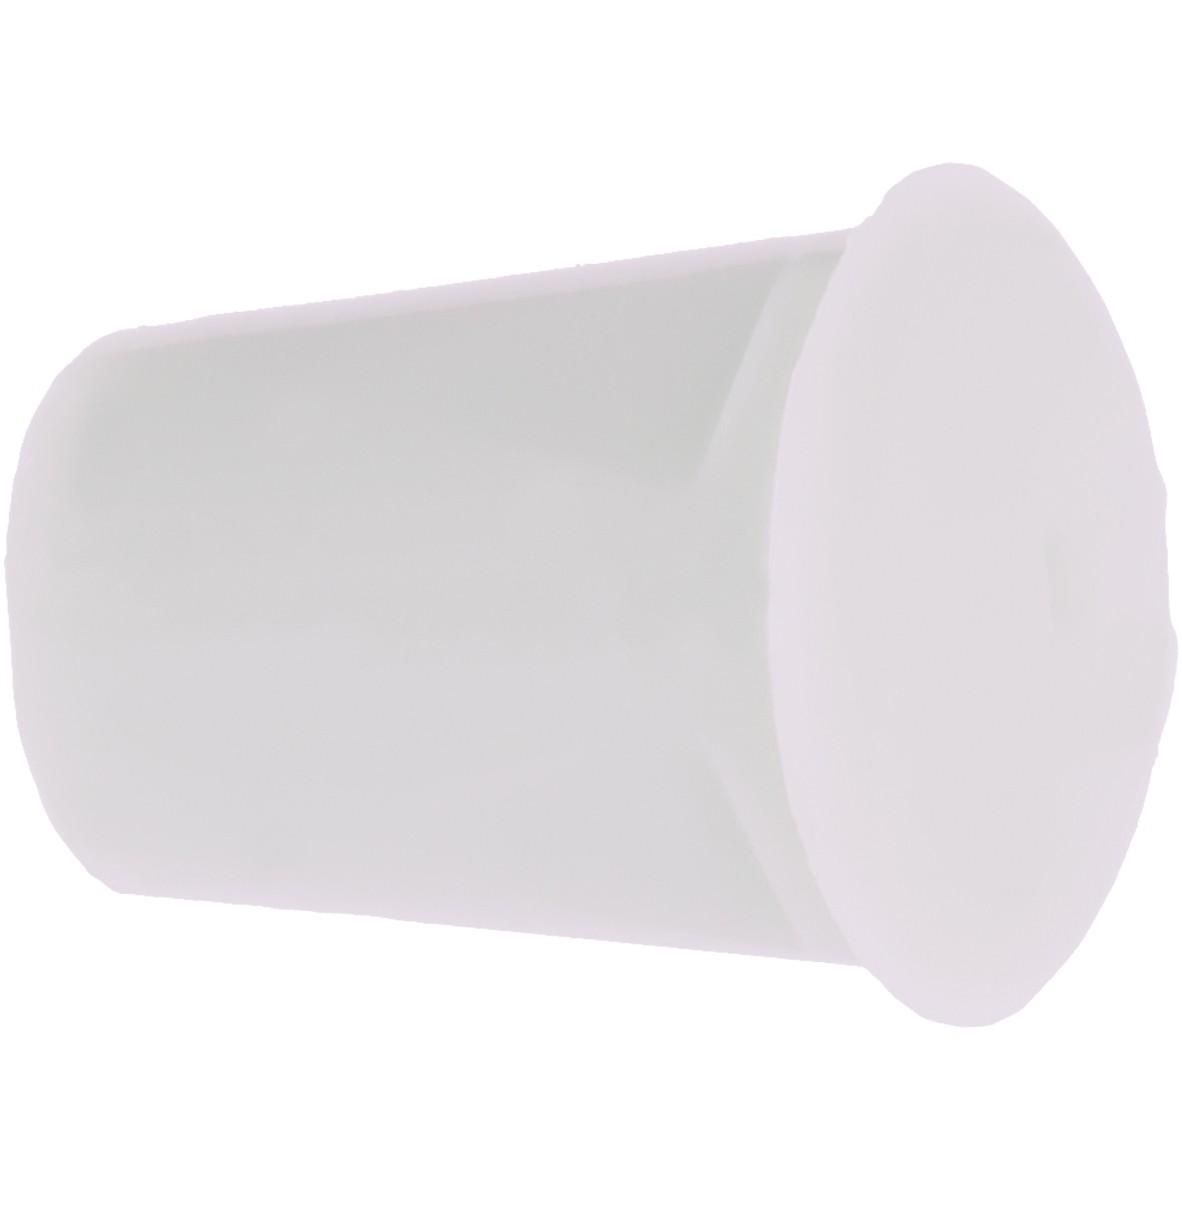 BL RC Kunststoffkappe, für Krone ausbrennbar